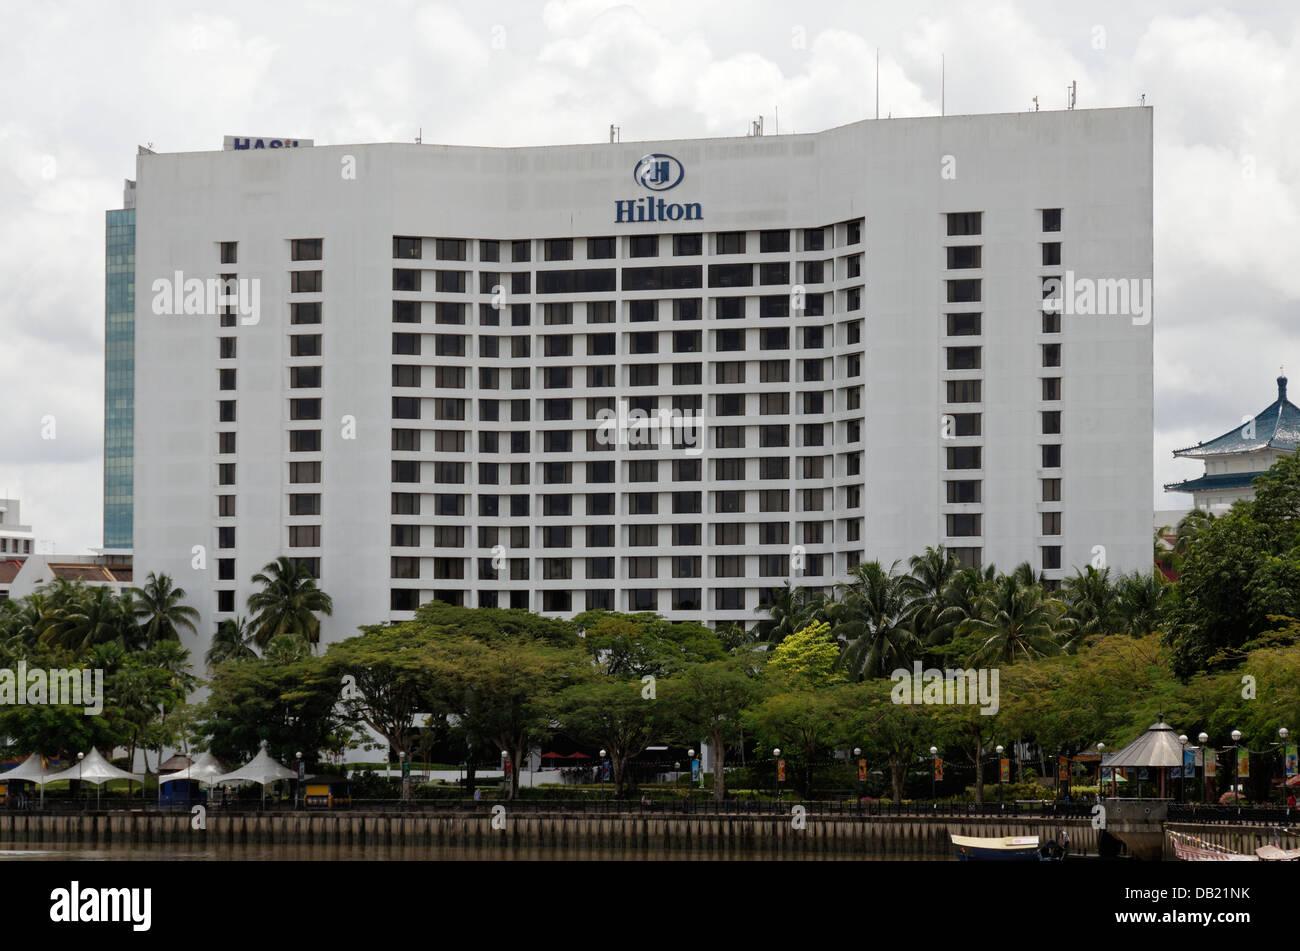 Hilton Hotel By The Riverside Kuching Sarawak Malaysia